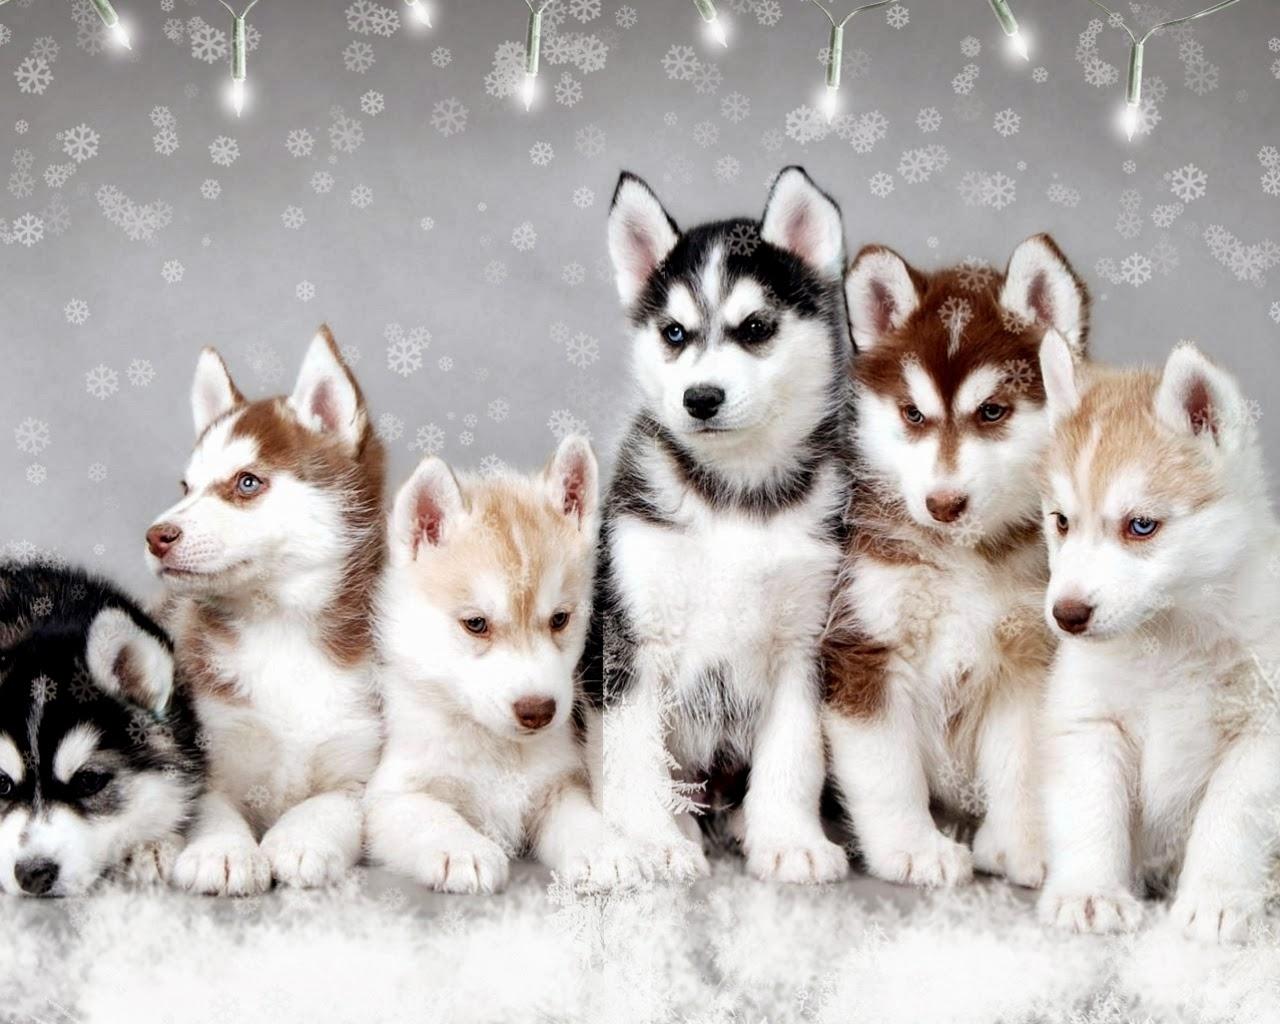 اسعار الكلاب 2018 لجميع الأنواع husky-snow-dogs-free-from-zet_69383665.jpg